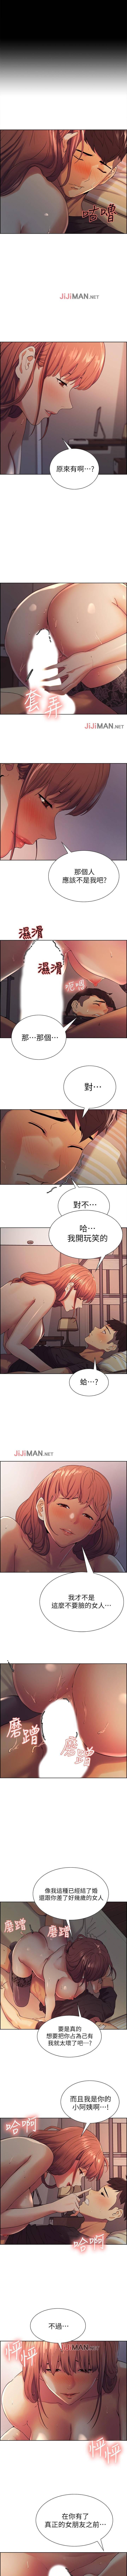 【周二连载】室友招募中(作者:Serious) 第1~13话 71